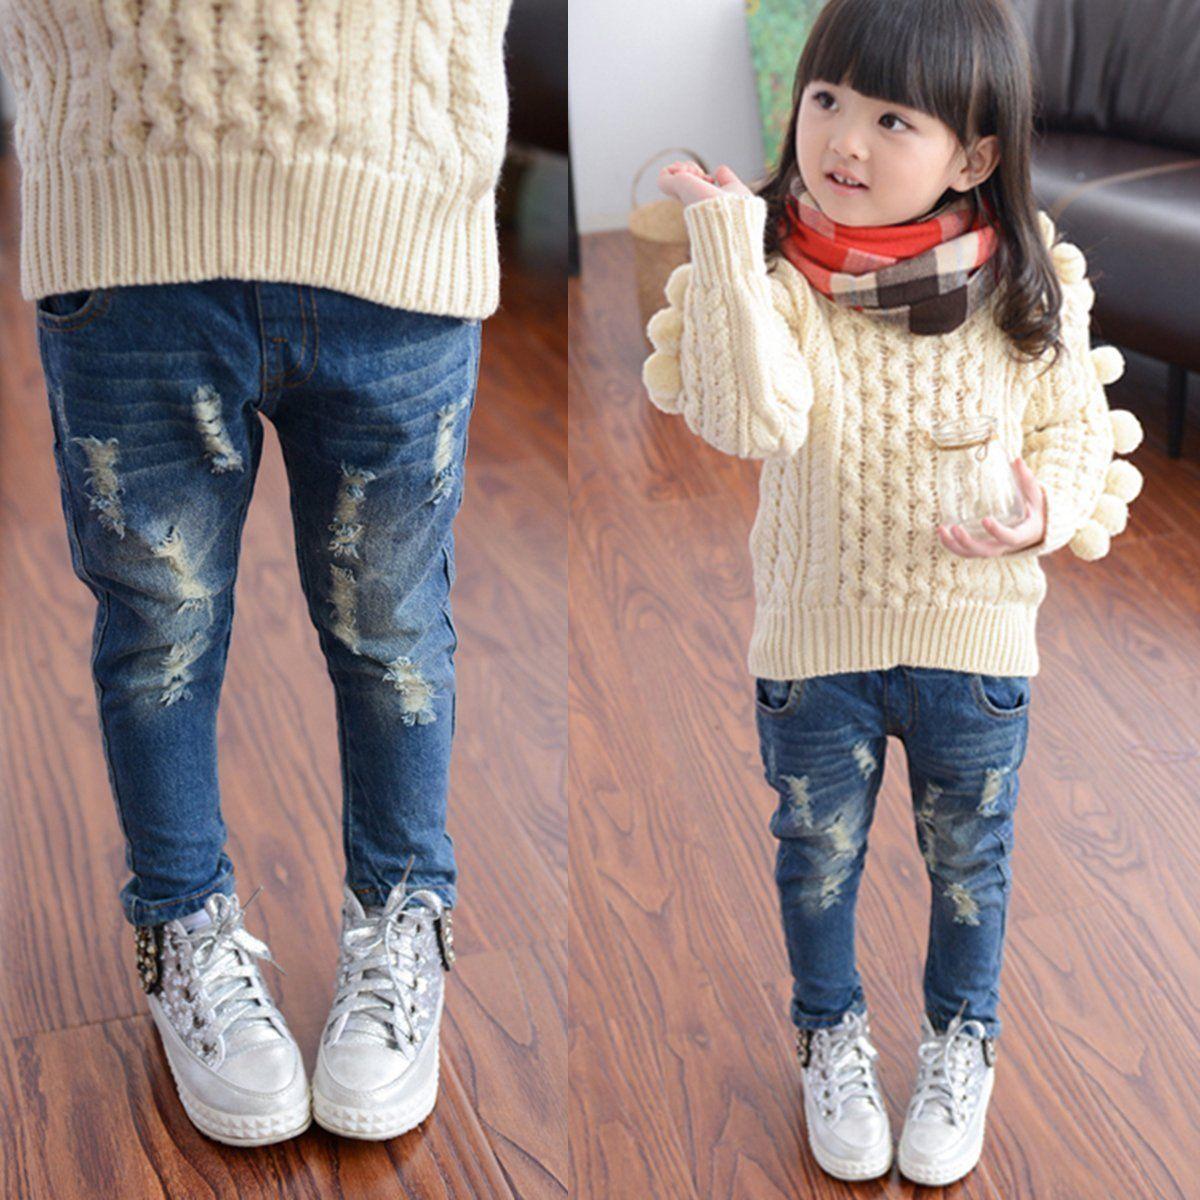 Peuter Kids Baby Meisjes Jongens Ripped Denim Skinny Jeans Bedelaars Gat Jeans Kind Broek Hiphop Unisex Broek 2-7 T